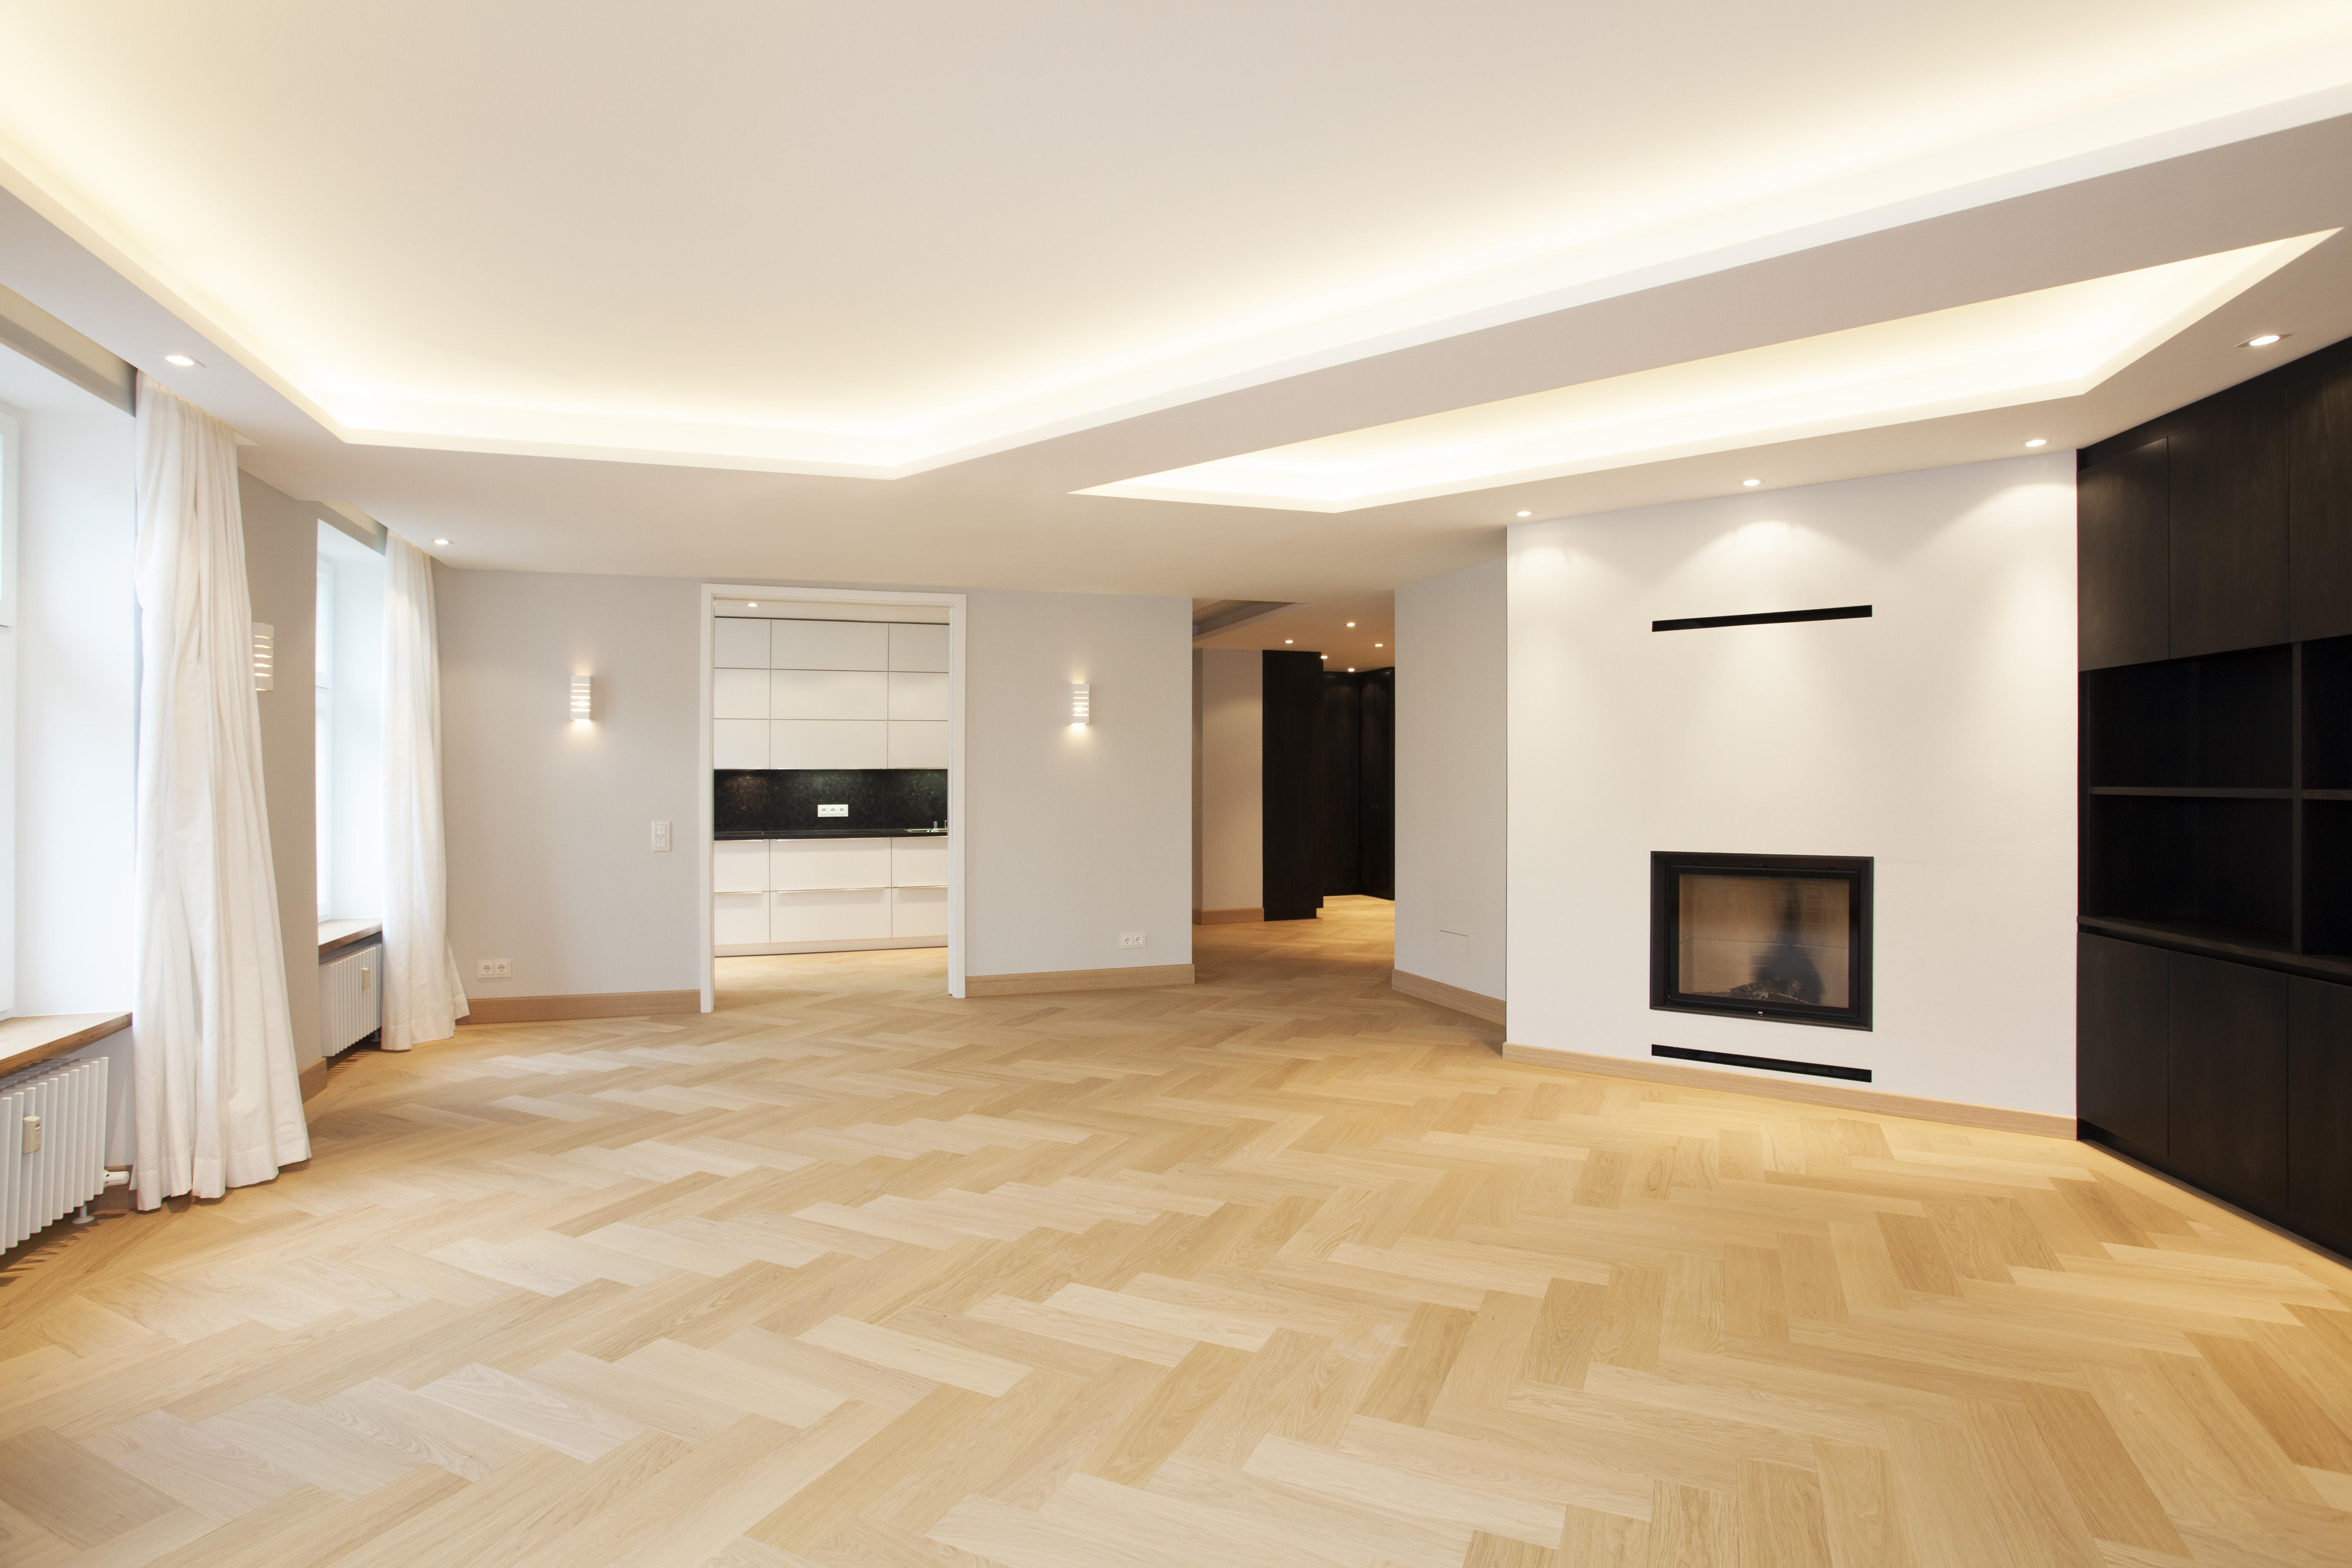 kaufangebote wohnungen. Black Bedroom Furniture Sets. Home Design Ideas